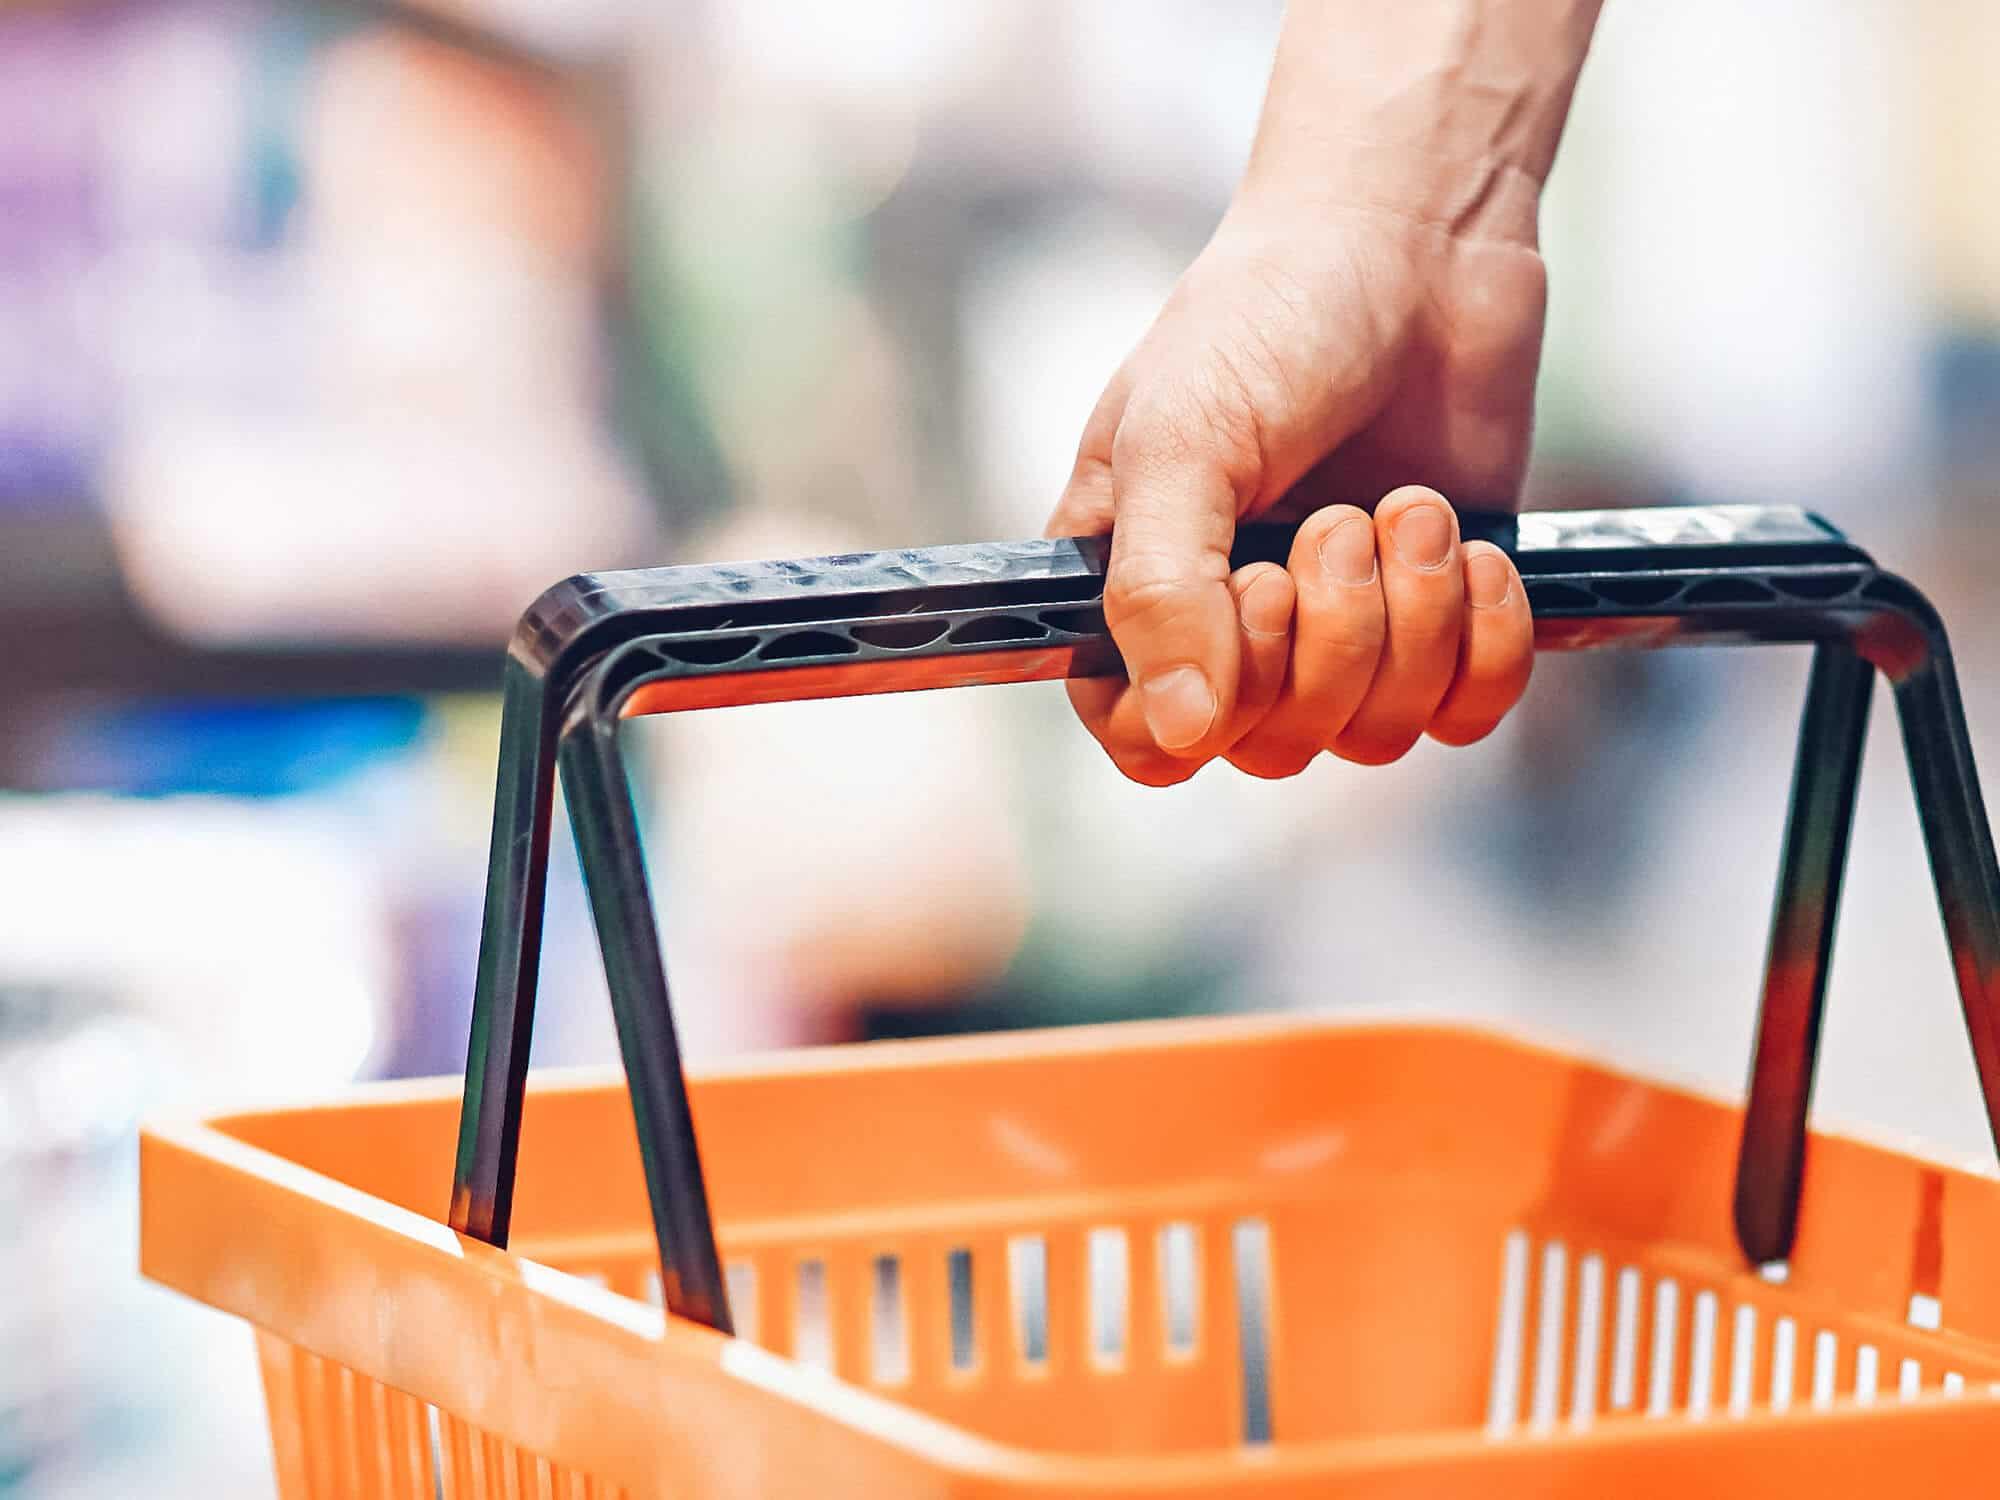 סלסלות לסופרמרקט/פארם